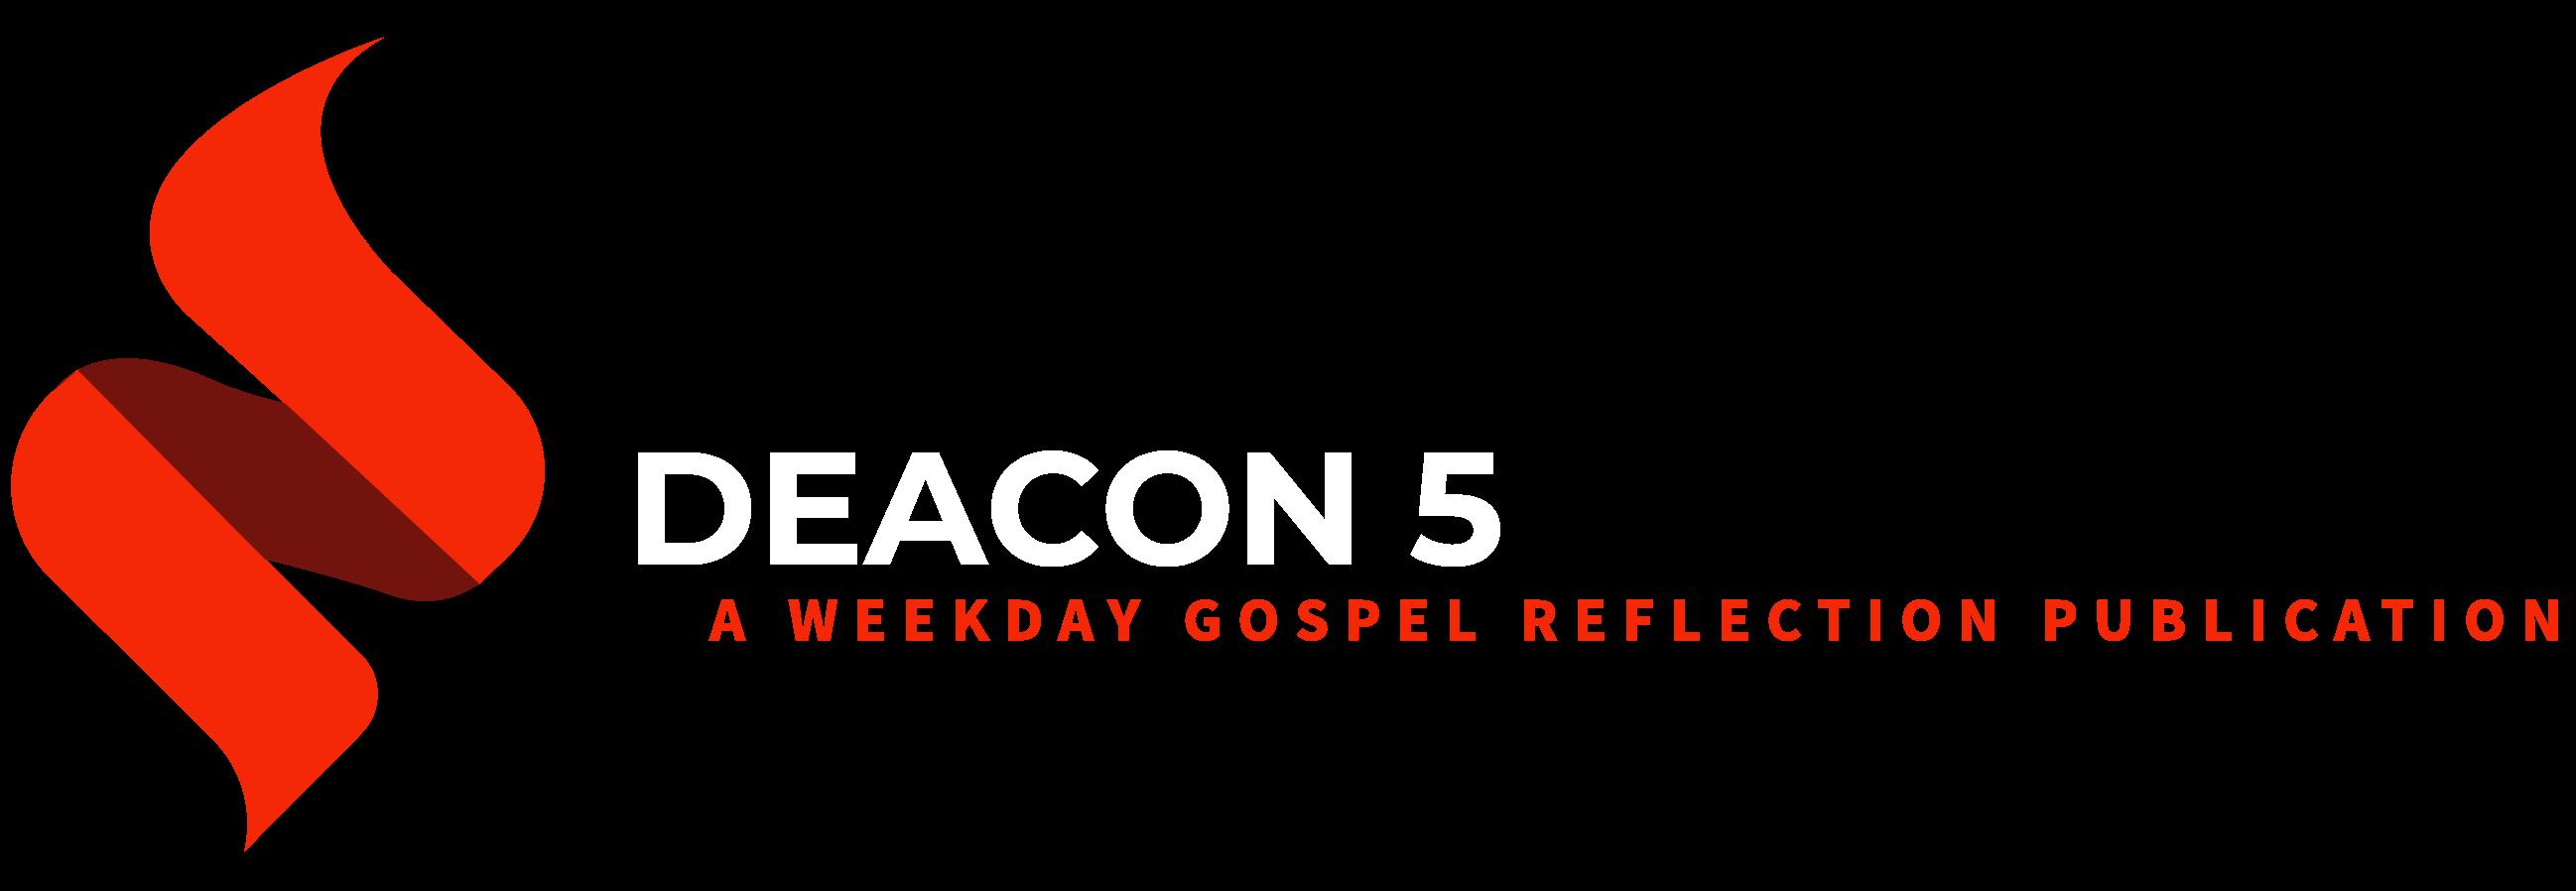 DEACON5